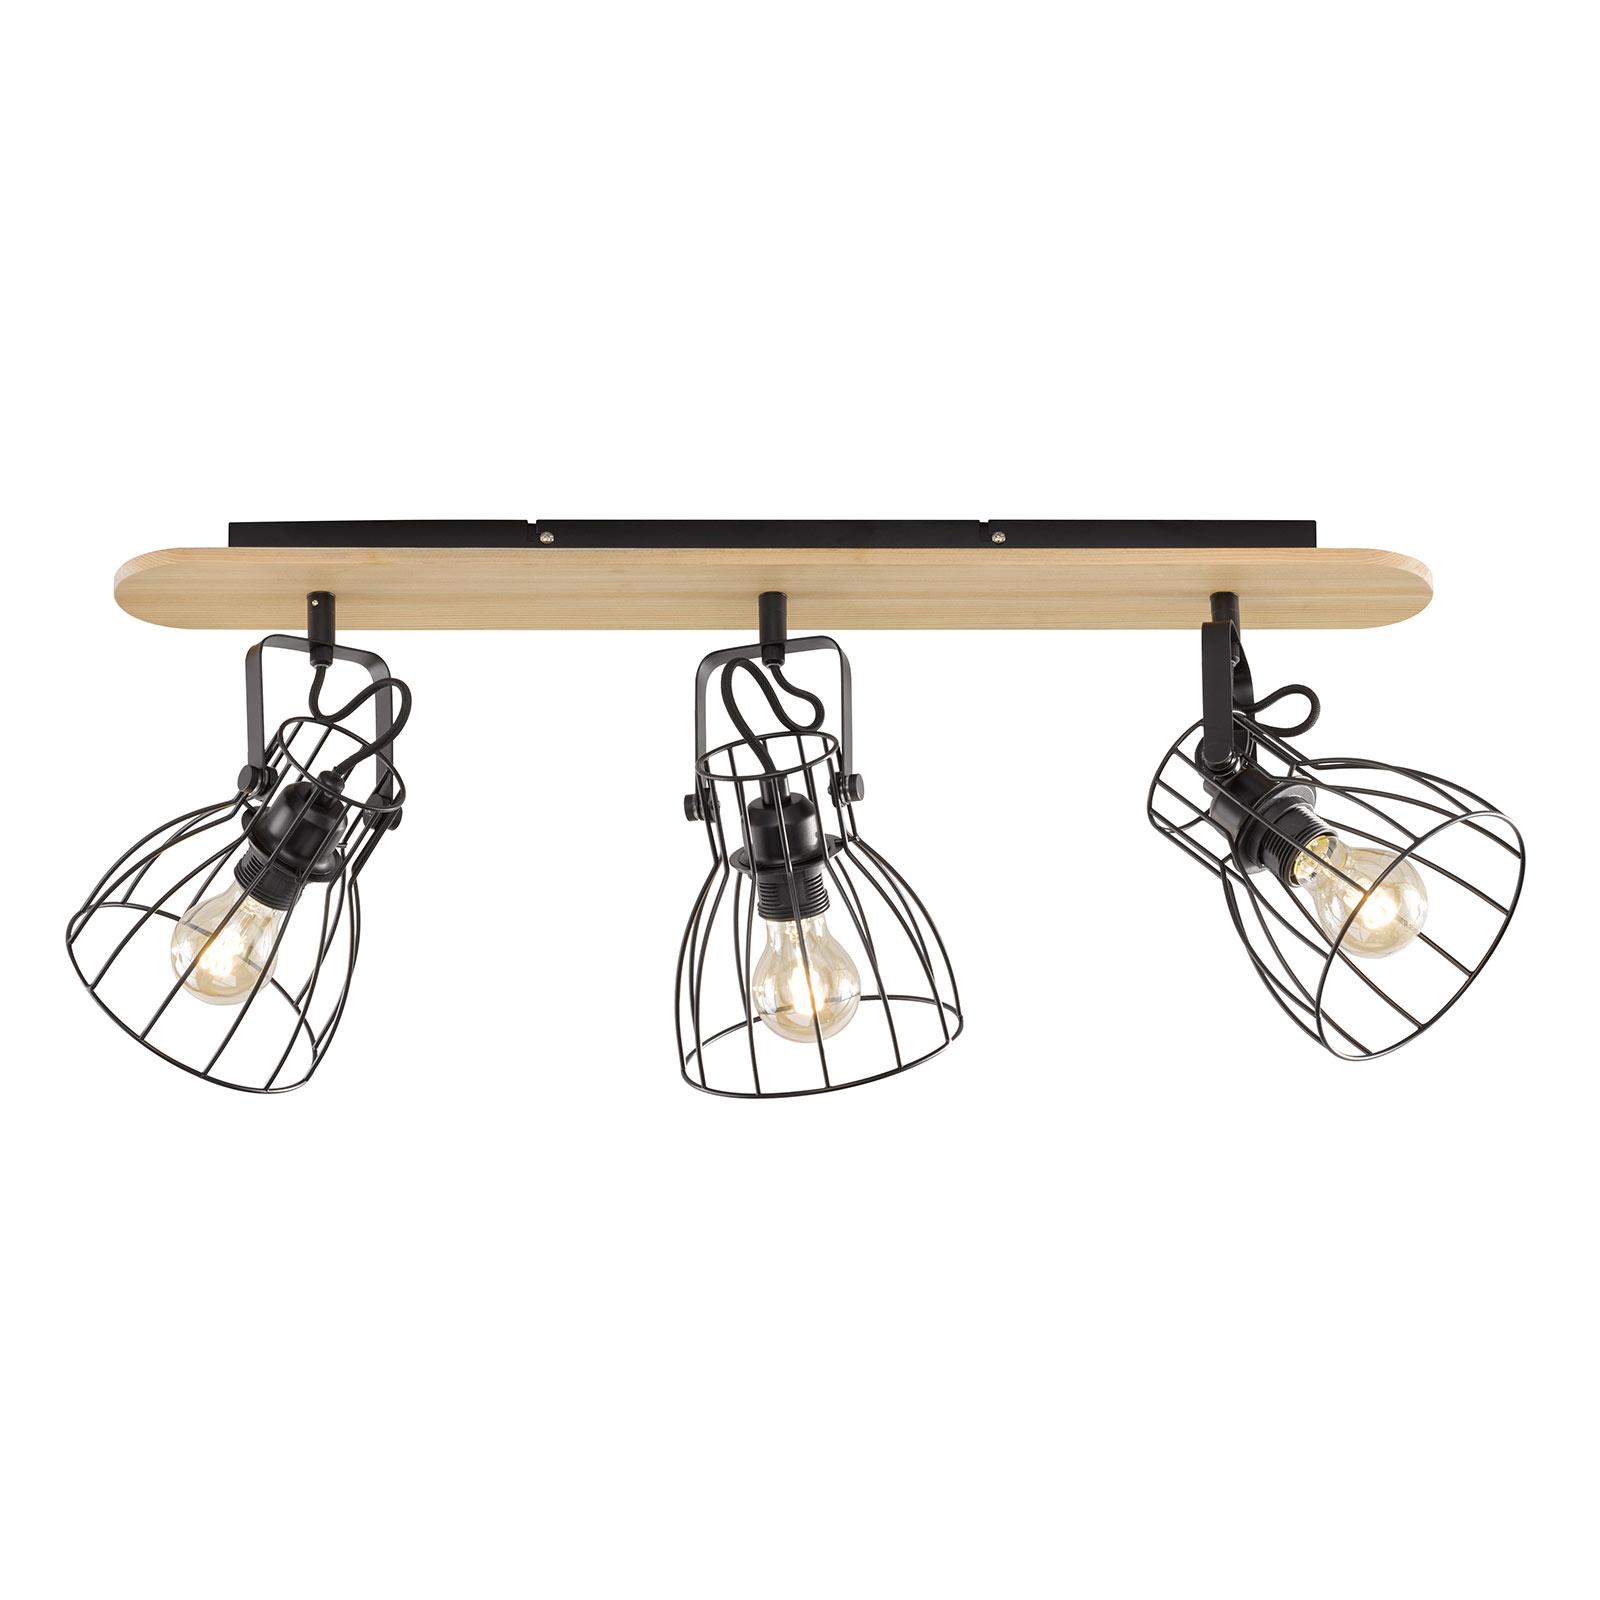 Deckenlampe Die in Holzoptik mit 3 Käfigschirmen